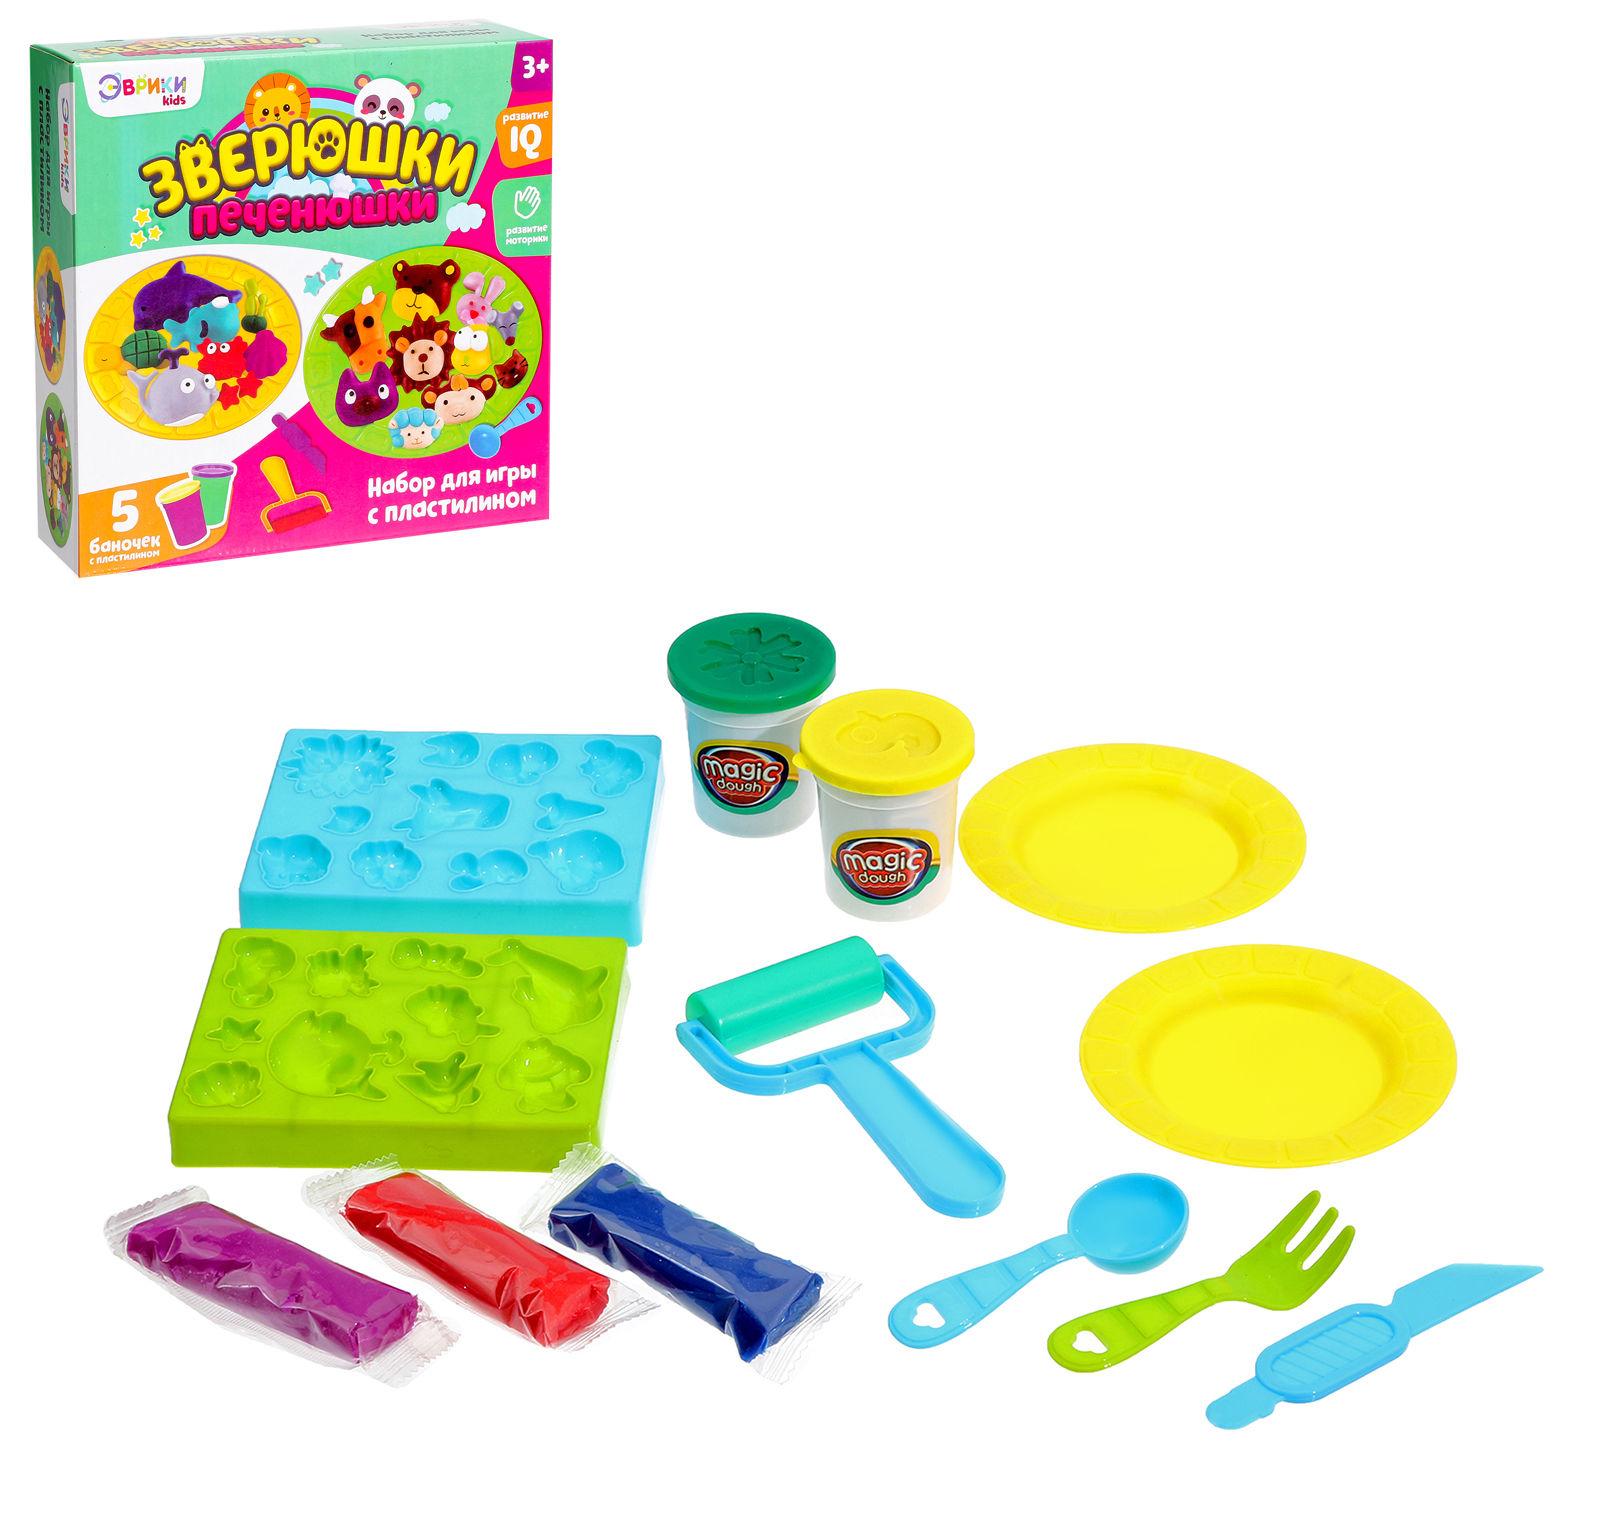 Набор для игры с пластилином «Зверюшки-печенюшки»